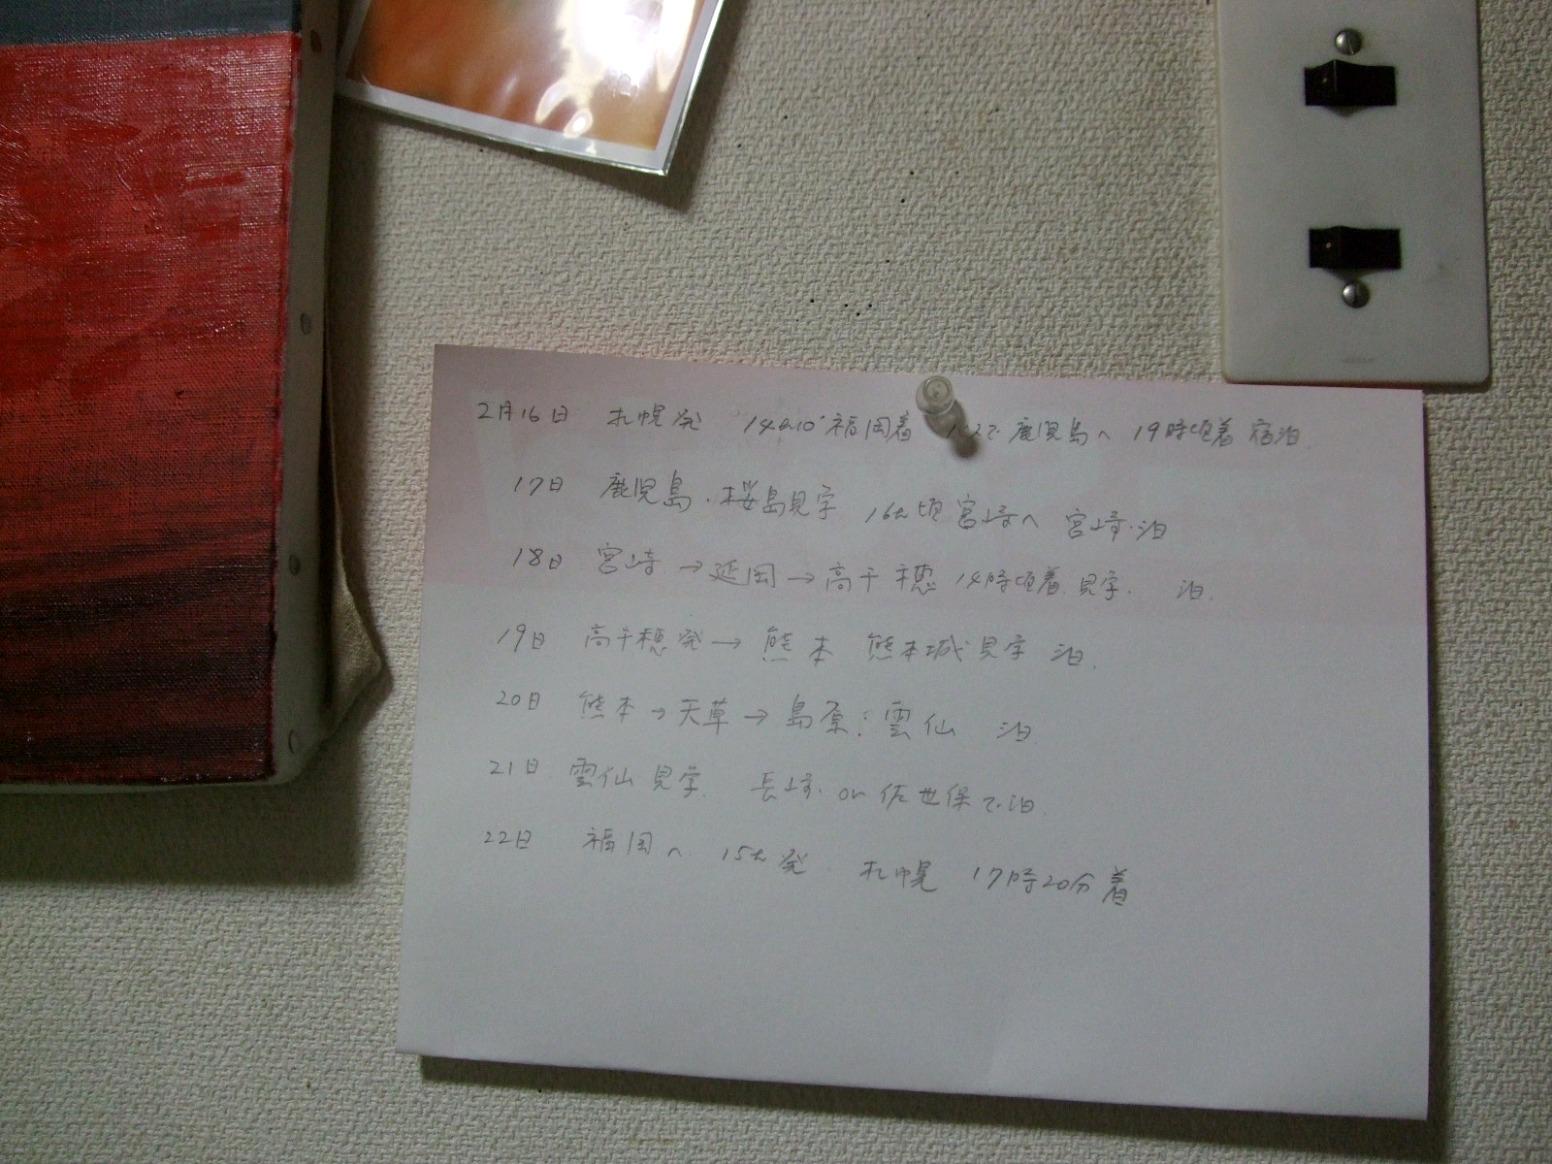 1200) 栄通日記 「一枚の張り紙」_f0126829_2385836.jpg